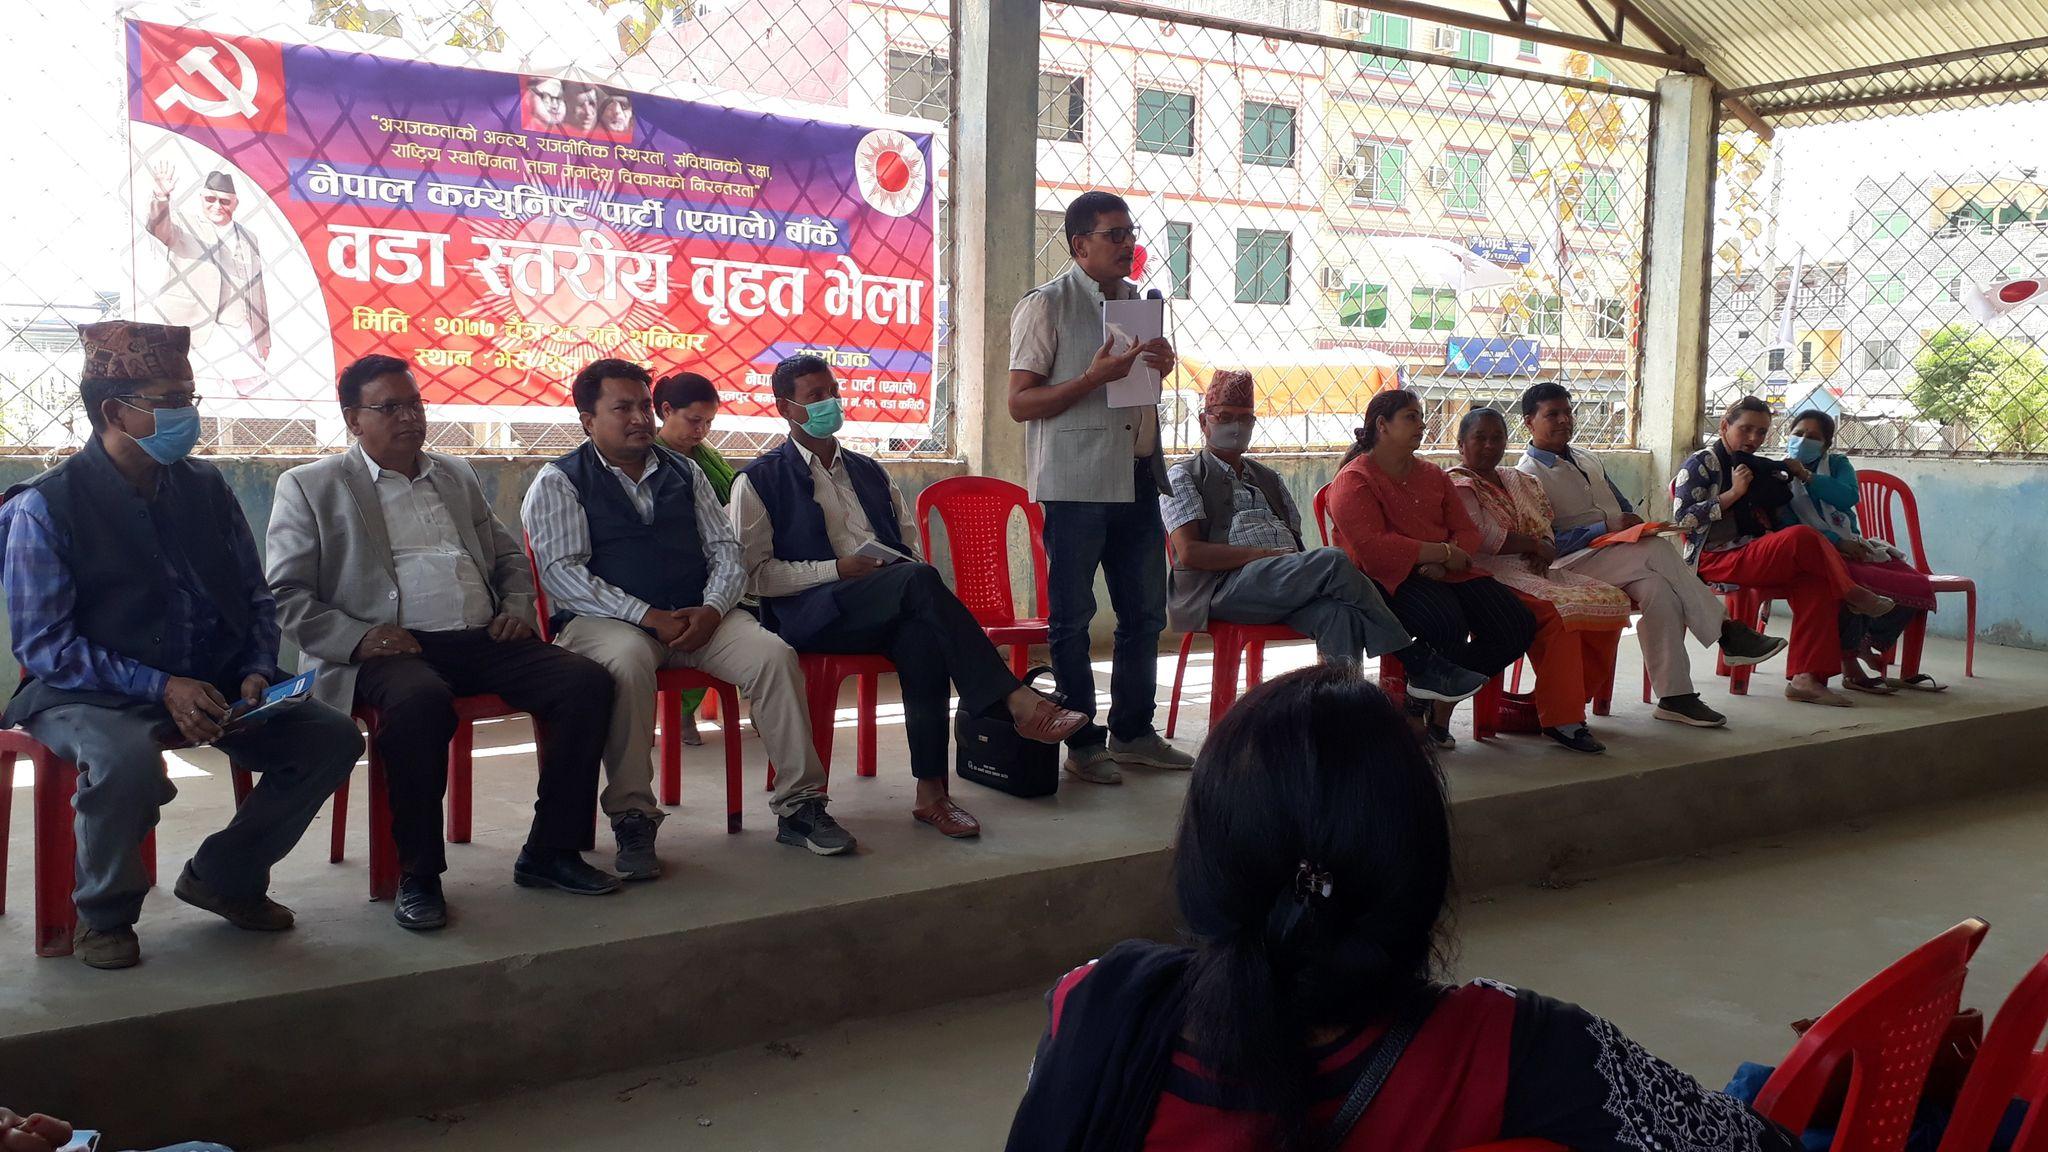 समृद्ध कोहलपुर निर्माणको प्रमुख दायित्व एमाले कोहलपुर कै हो : नेता विश्वकर्मा